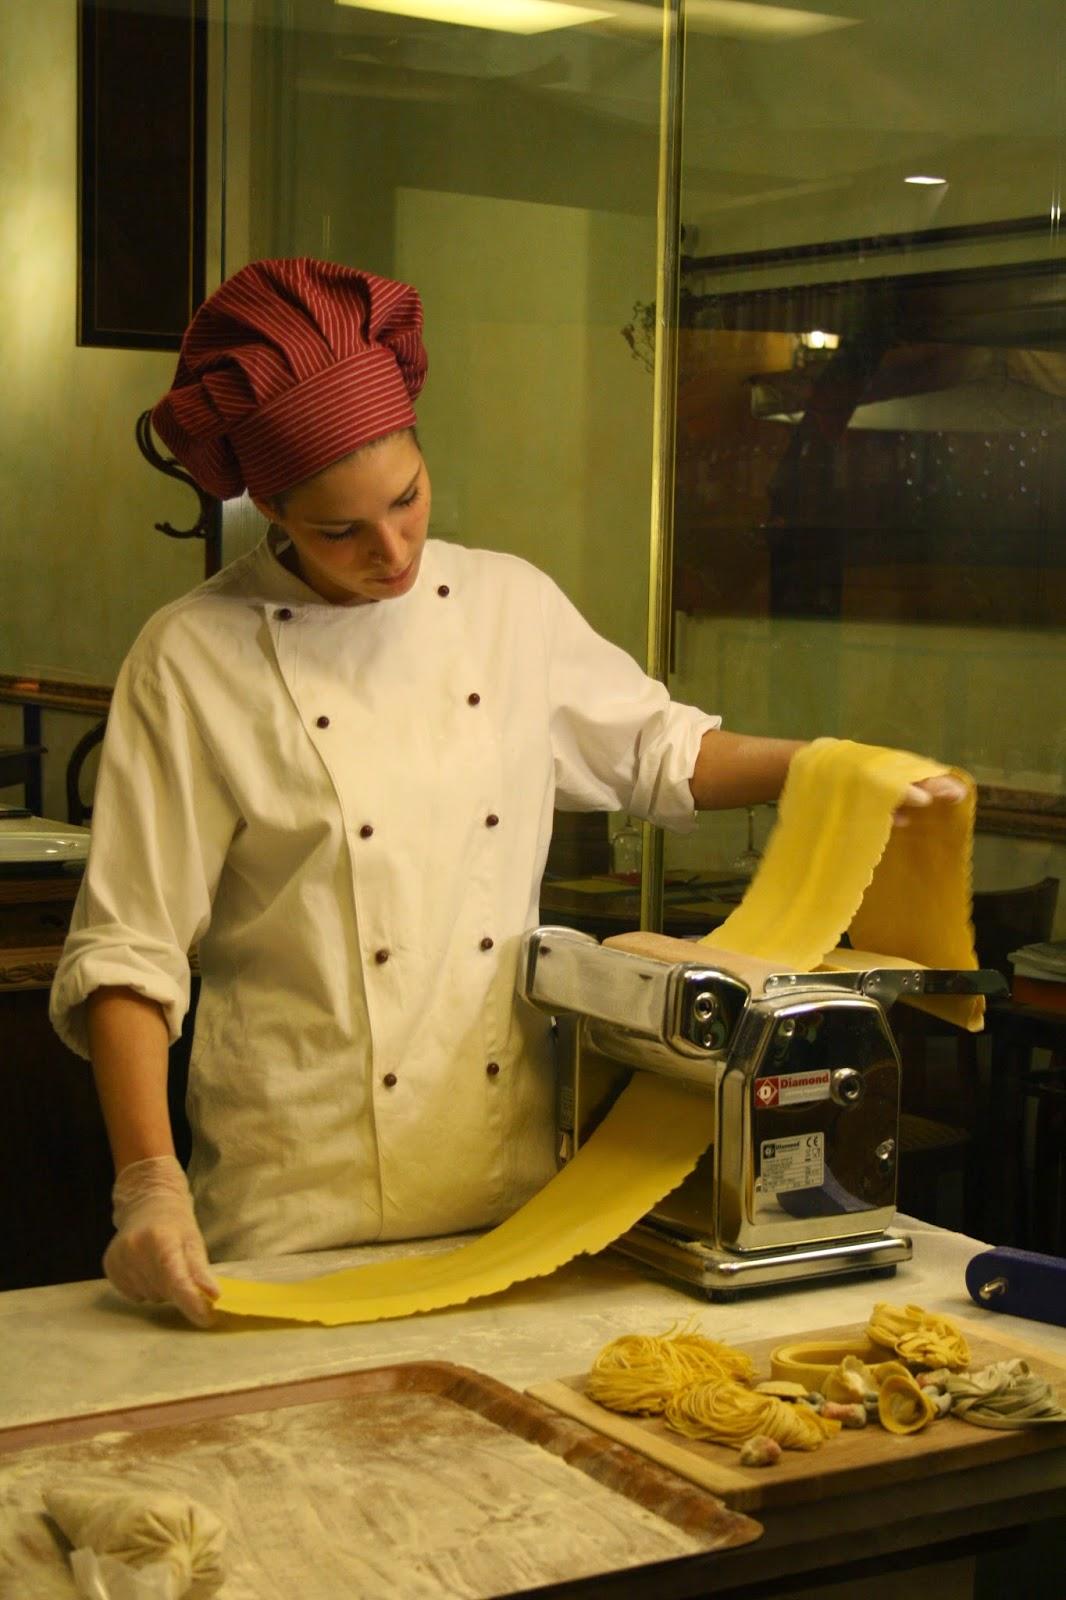 Cocinera elaborando pasta de forma artesanal en un restaurante de Florencia